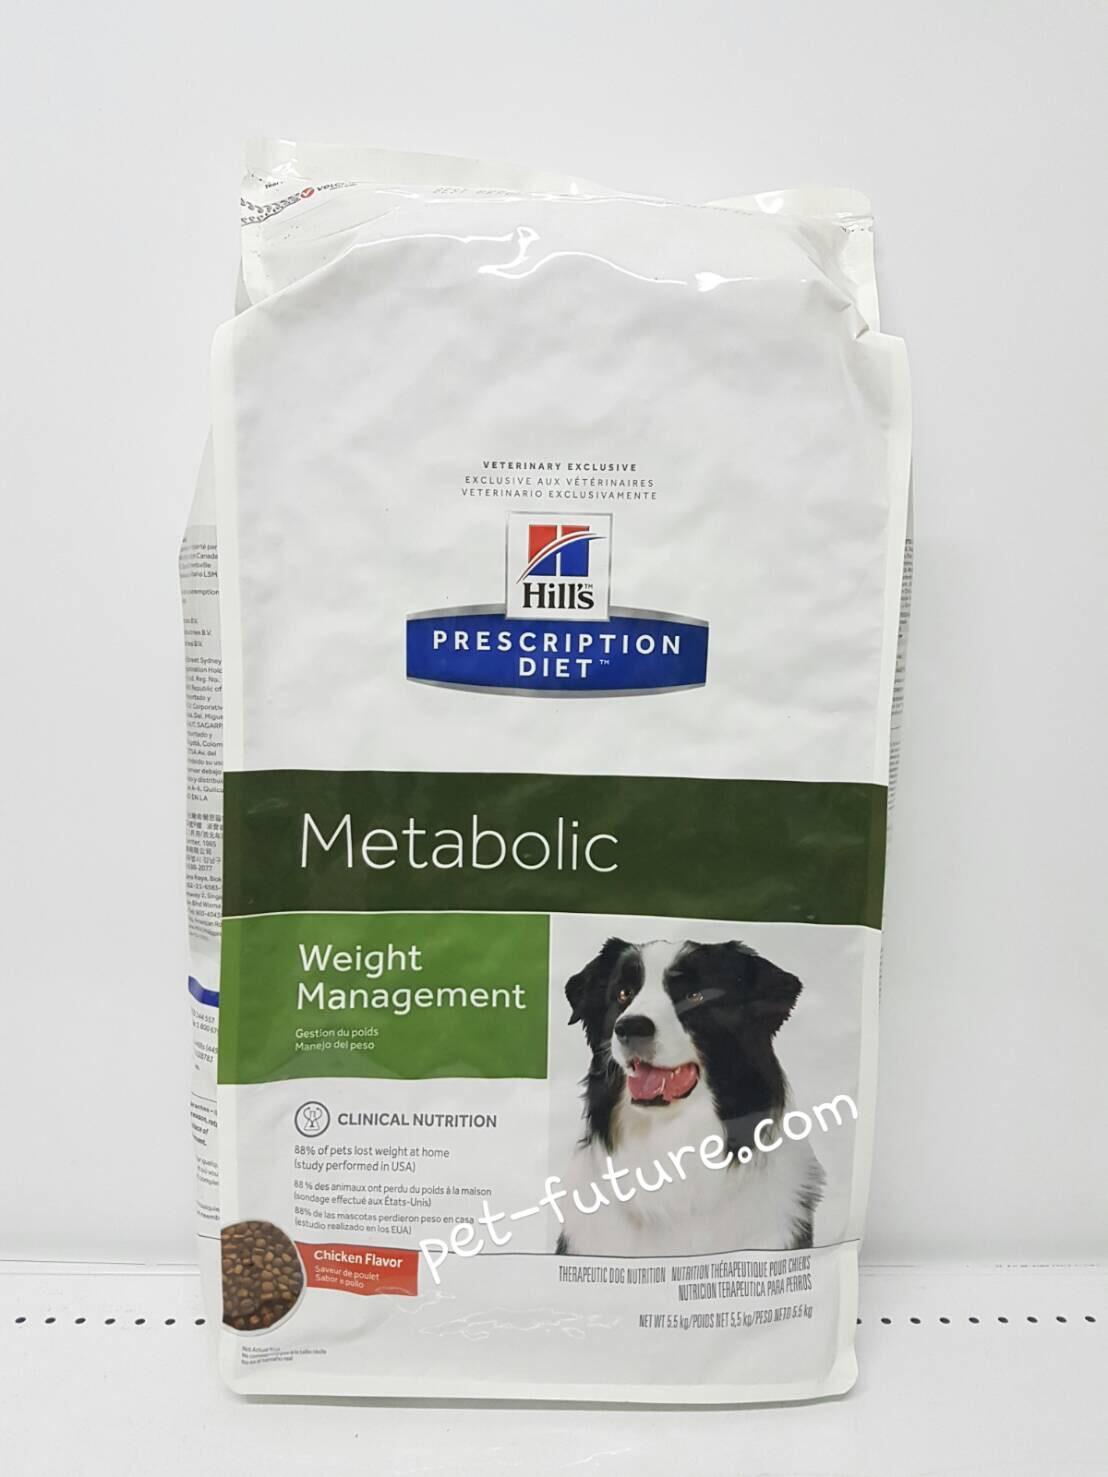 """Metabolic 12.5 kg. ควบคุมน้ำหนัก """"ใหม่ล่าสุด"""" Exp.08/19 (ใช้ได้ผลค่ะ) แบบใหม่จร้า ส่งฟรีทางอินเตอเอกเพลสเท่านั้น"""